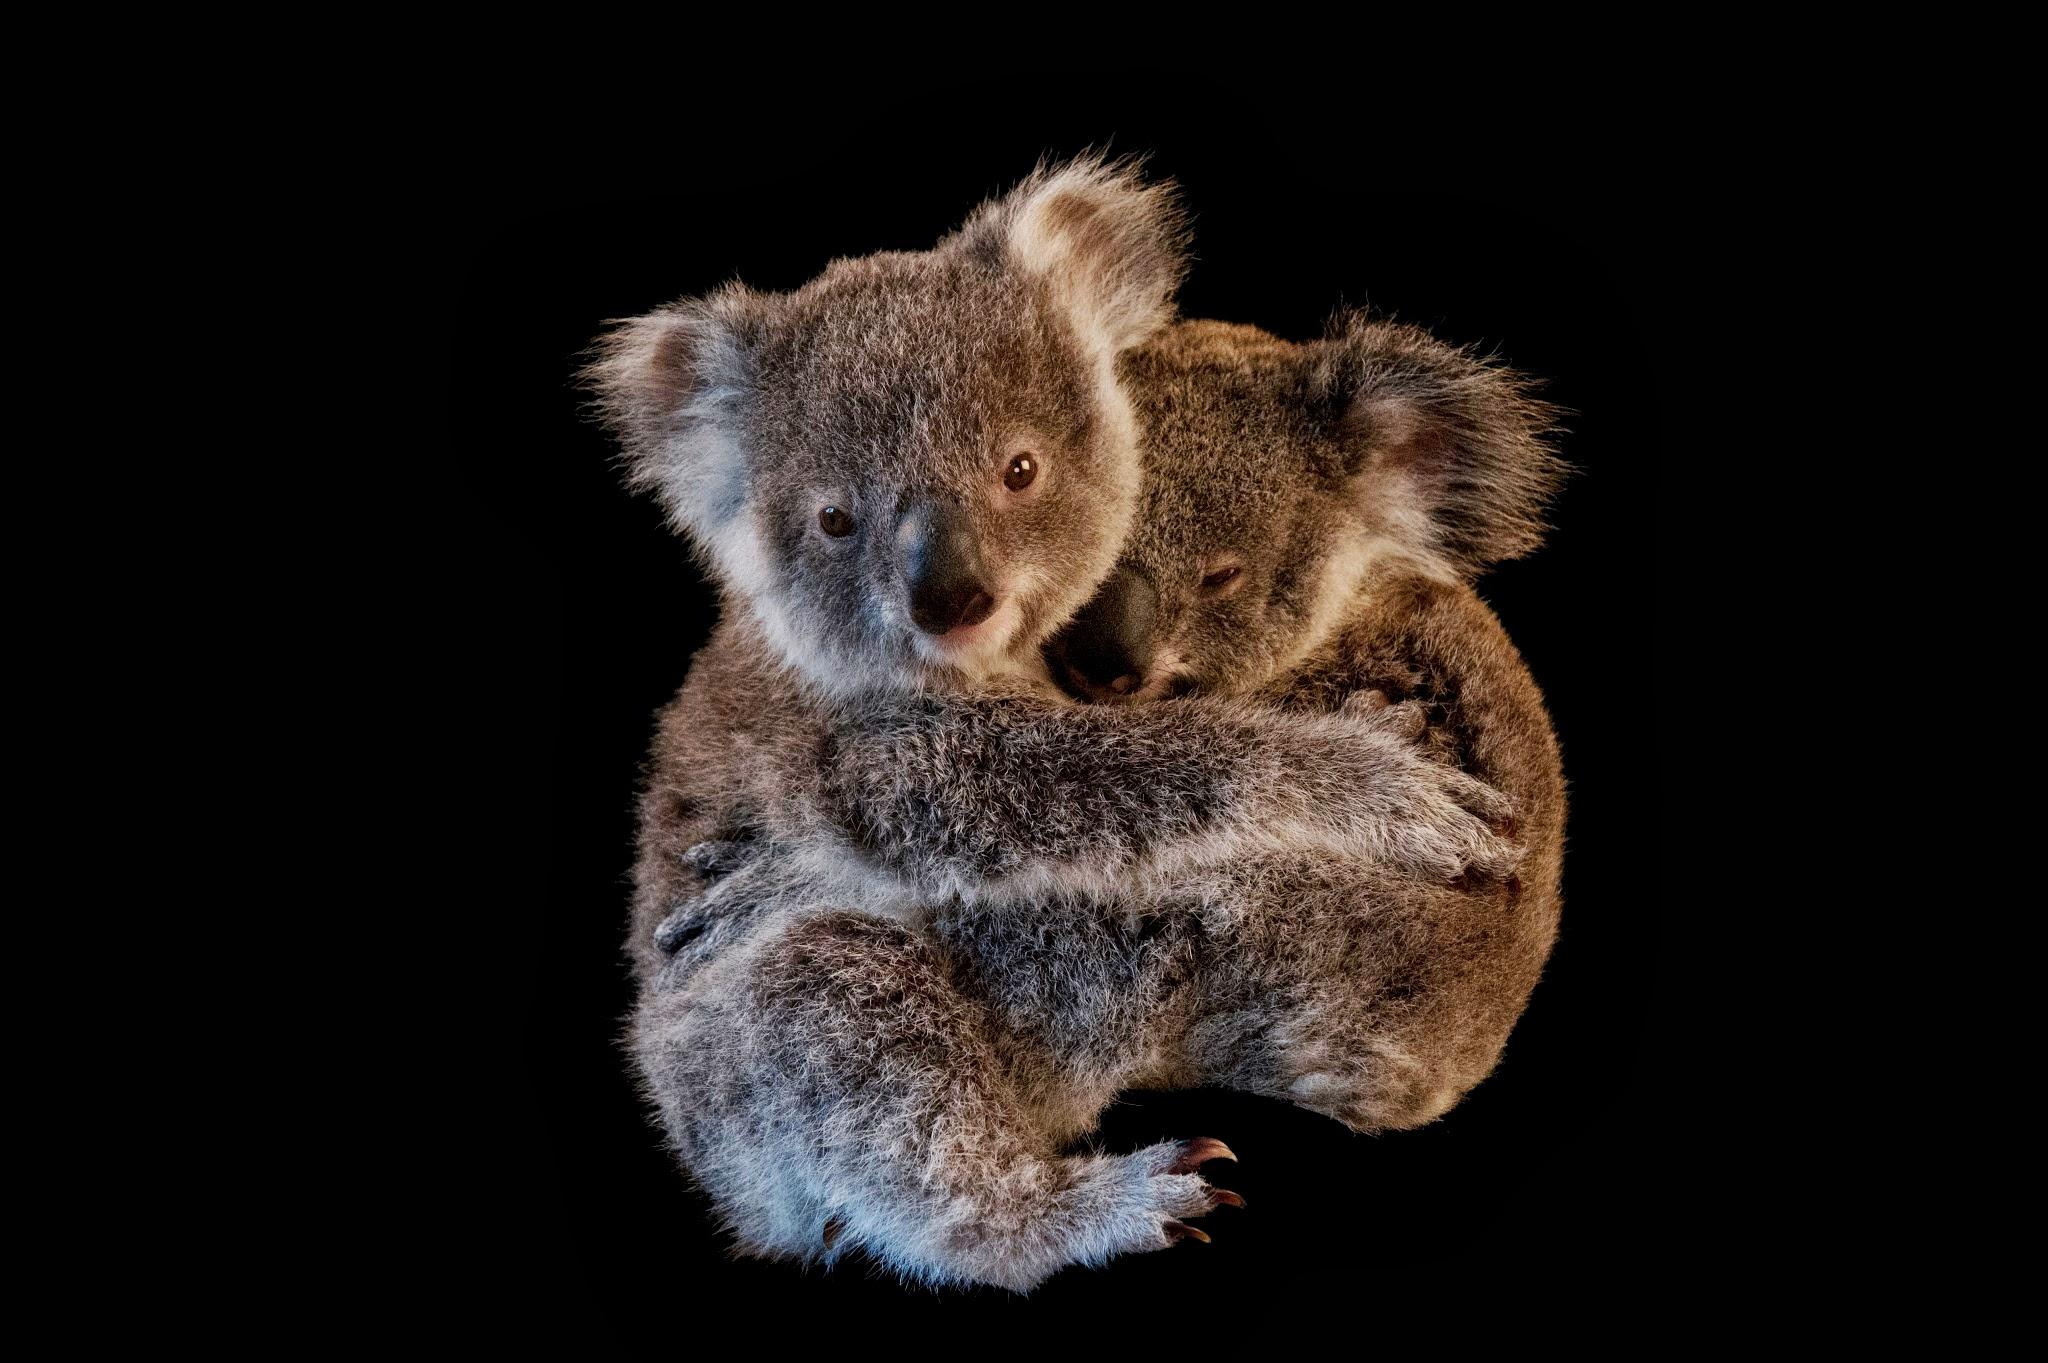 fakta om koala